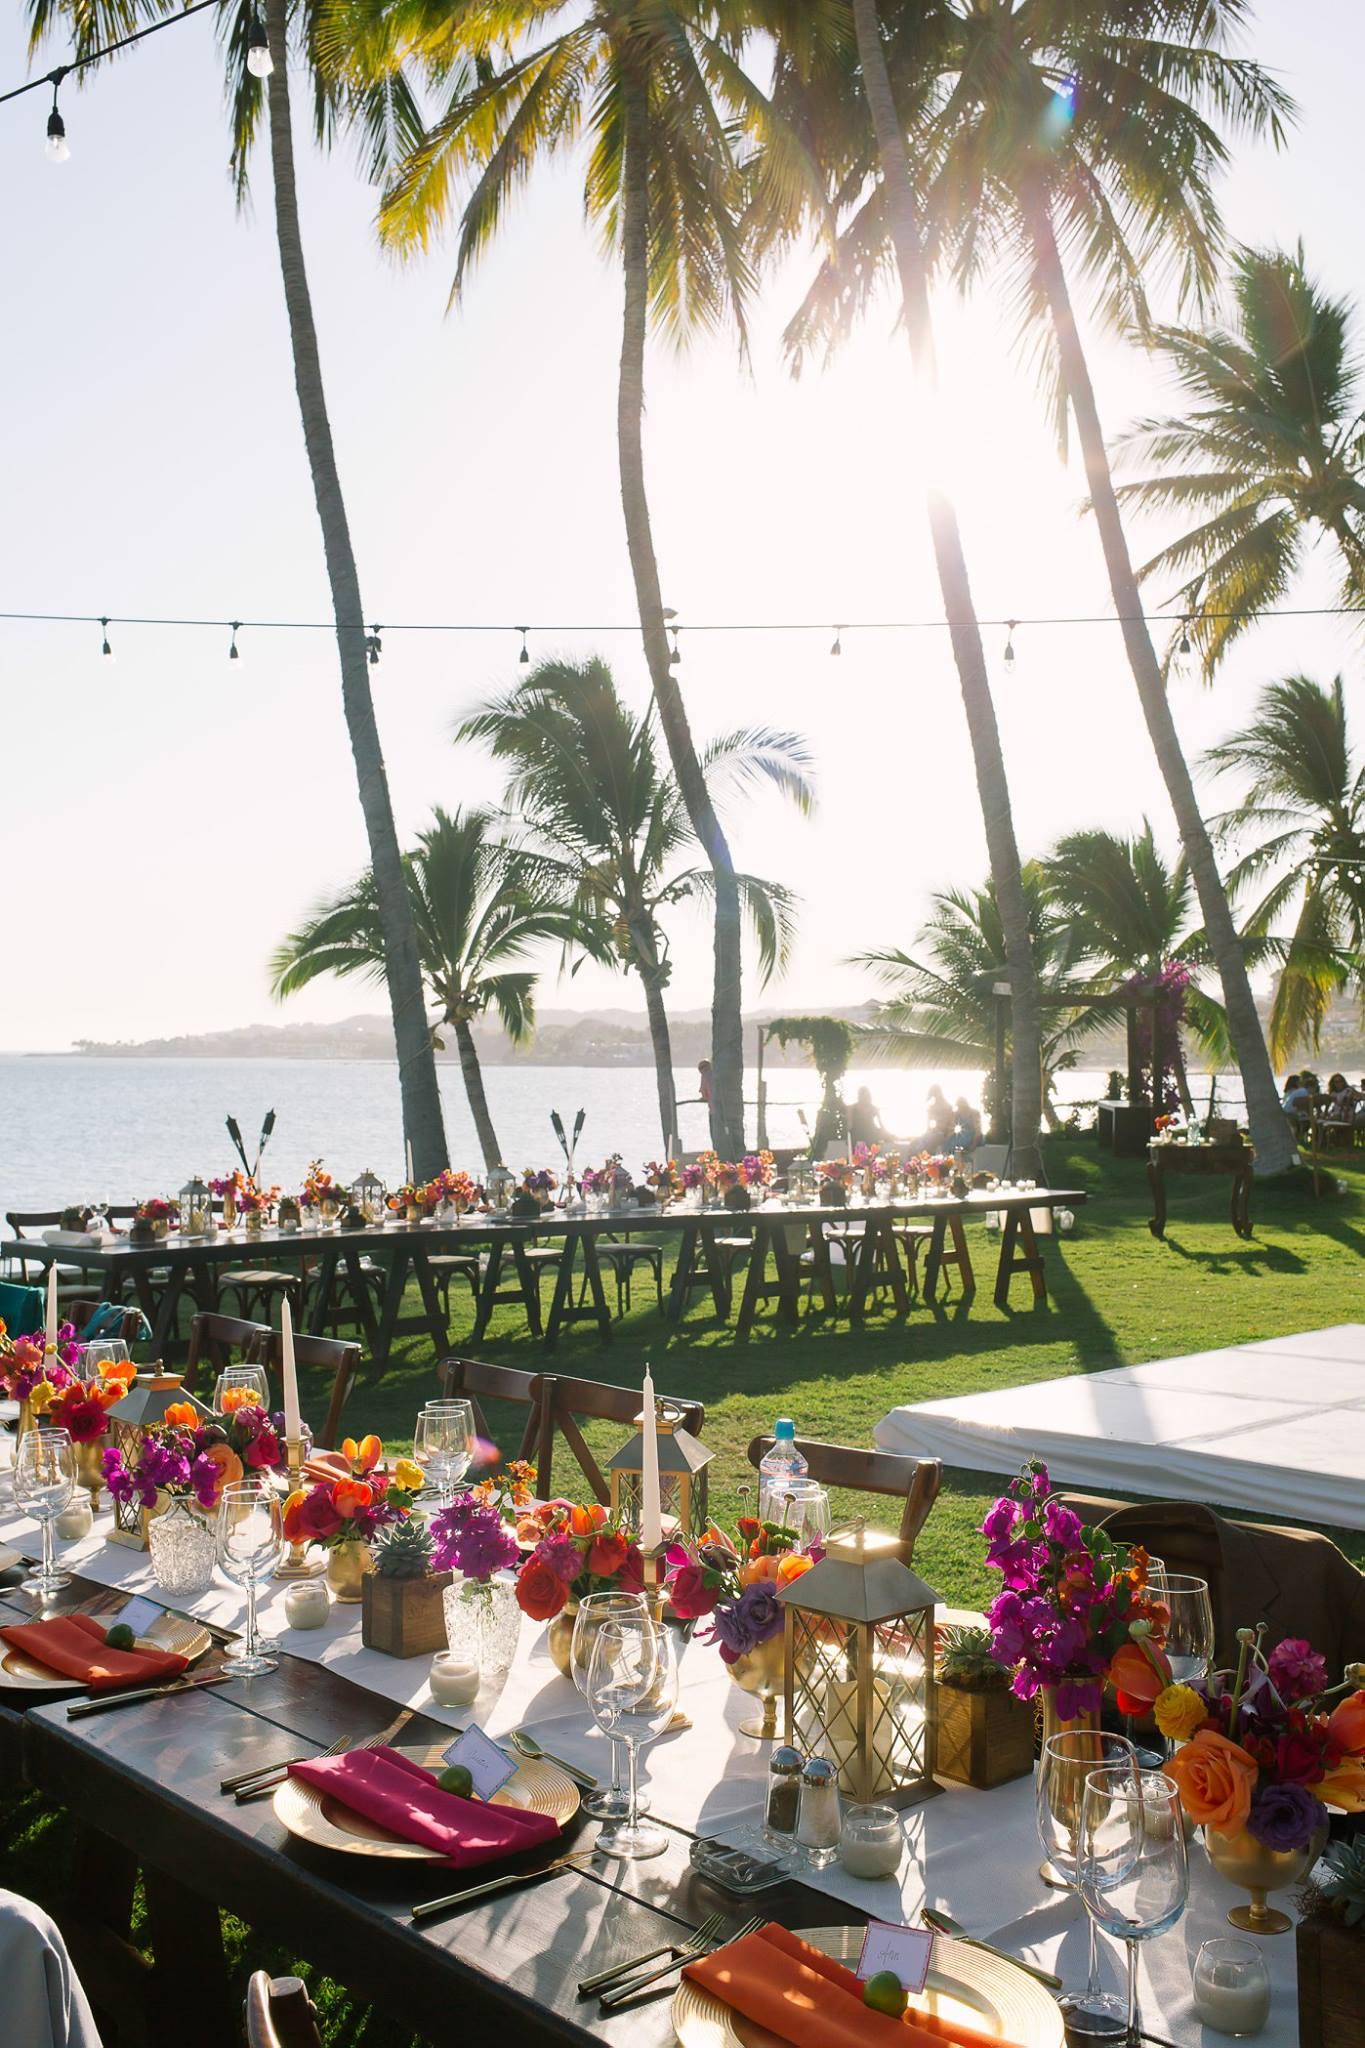 Weddings in Mexico Punta MIta Bucerias Sayulita Mexico venues planners